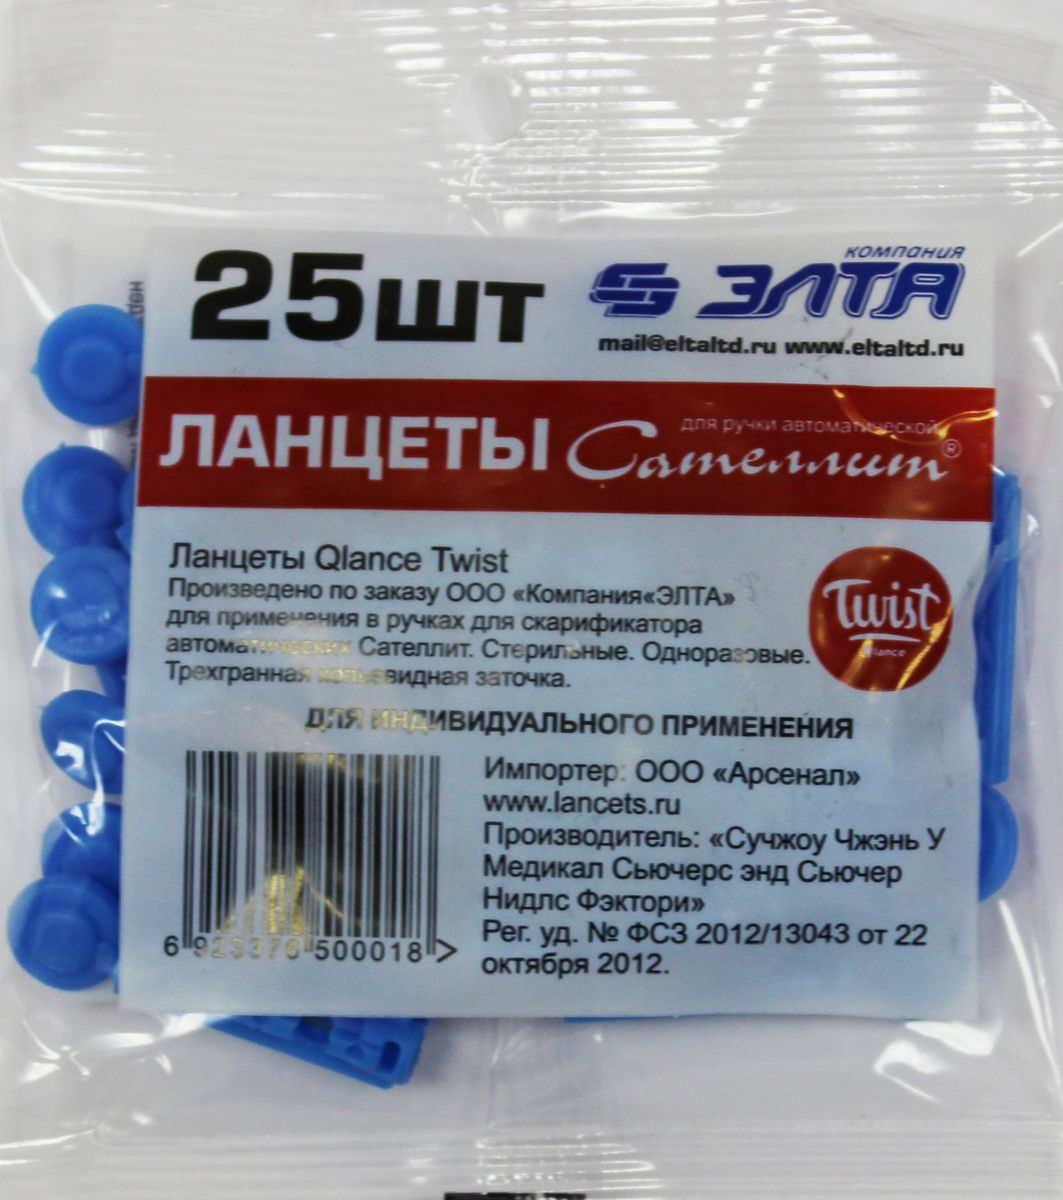 Ланцеты Сателлит Qlance Twist 28G, 25 шт2320Стерильные ланцеты (25 штук) для забора капли крови. Подходят к большинству ручек для прокалывания (автоматических прокалывателей). Сверхтонкое острие ланцета делает прокалывание менее болезненным. В целях безопасности ланцеты предназначены только для индивидуального пользования.